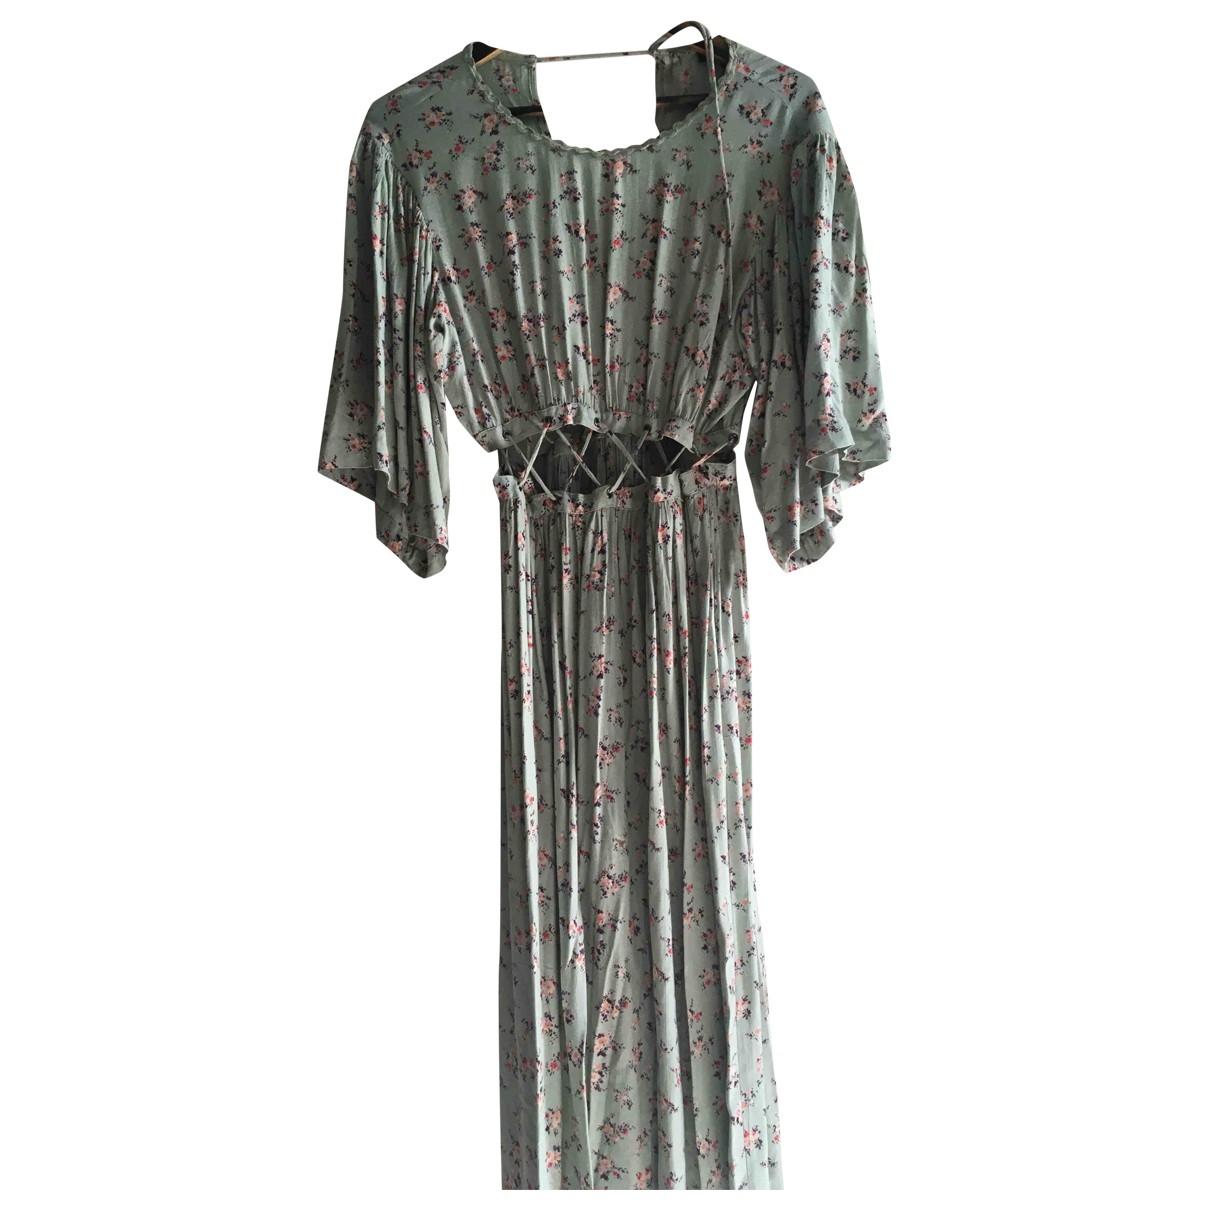 Tophop \N Kleid in  Gruen Viskose